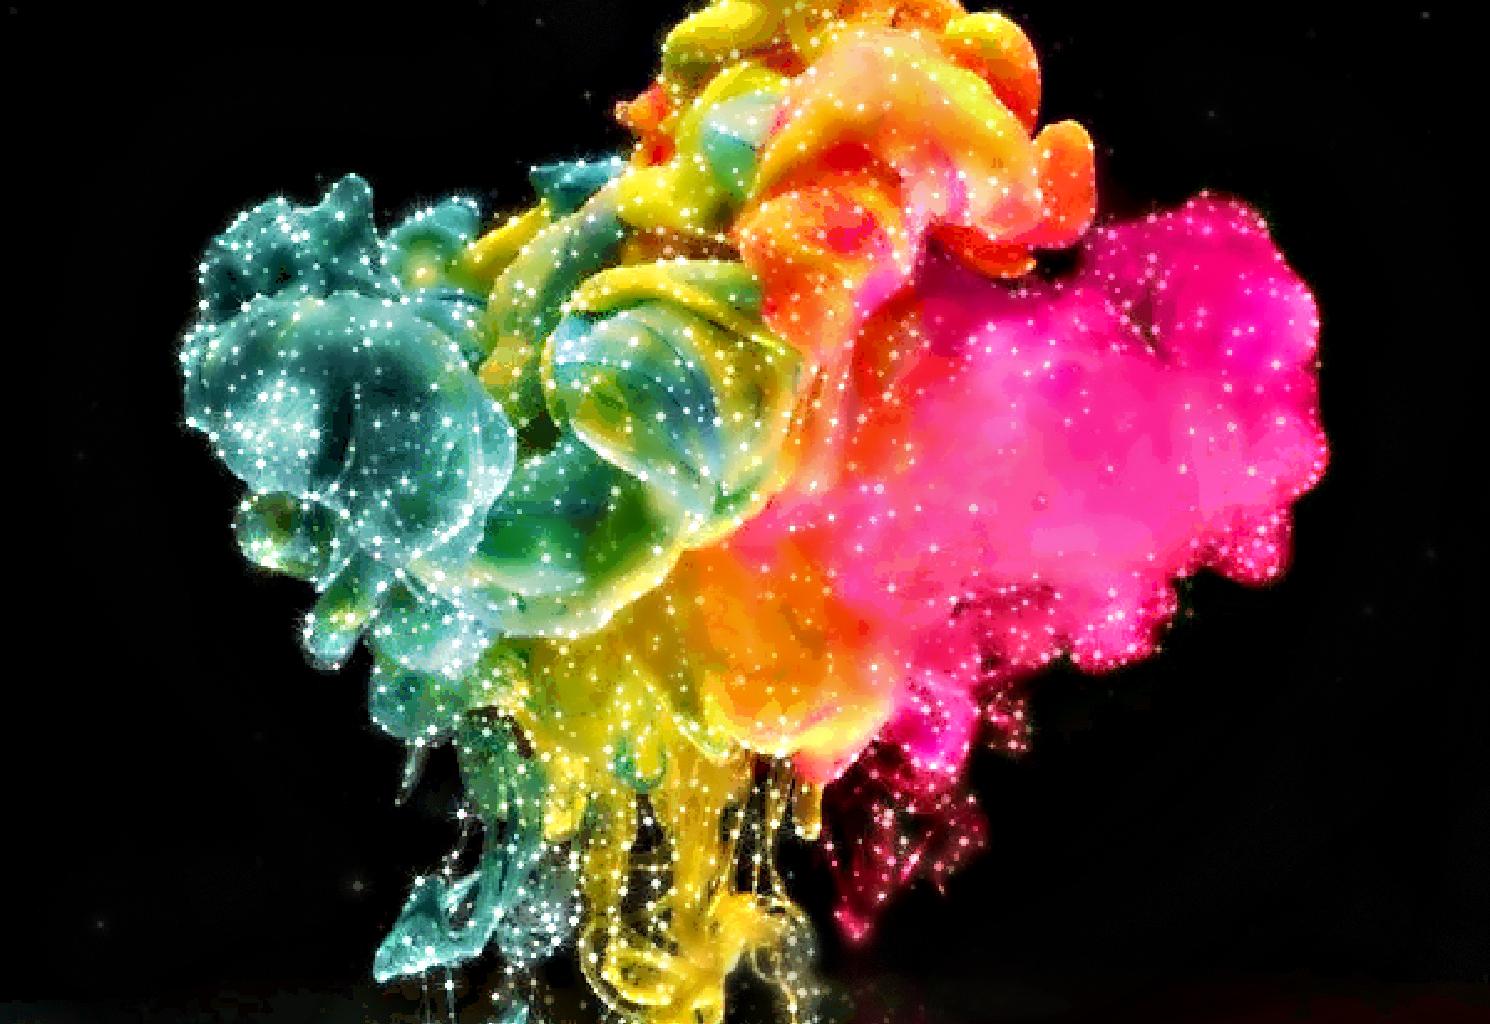 Color Explosion Wallpaper - WallpaperSafari